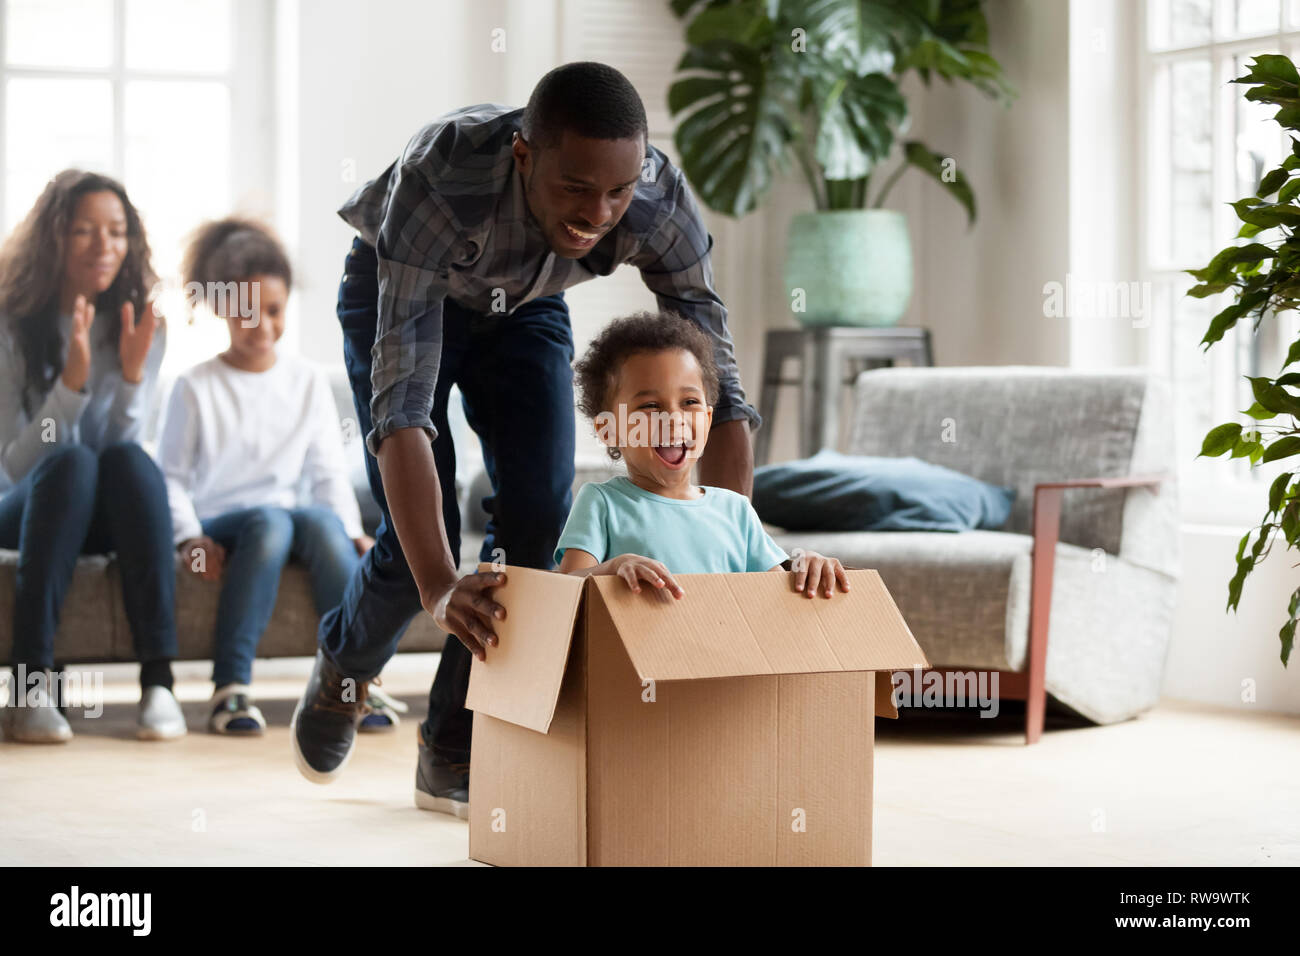 Felice famiglia nero gioca con i ragazzi in movimento per la casa nuova Immagini Stock